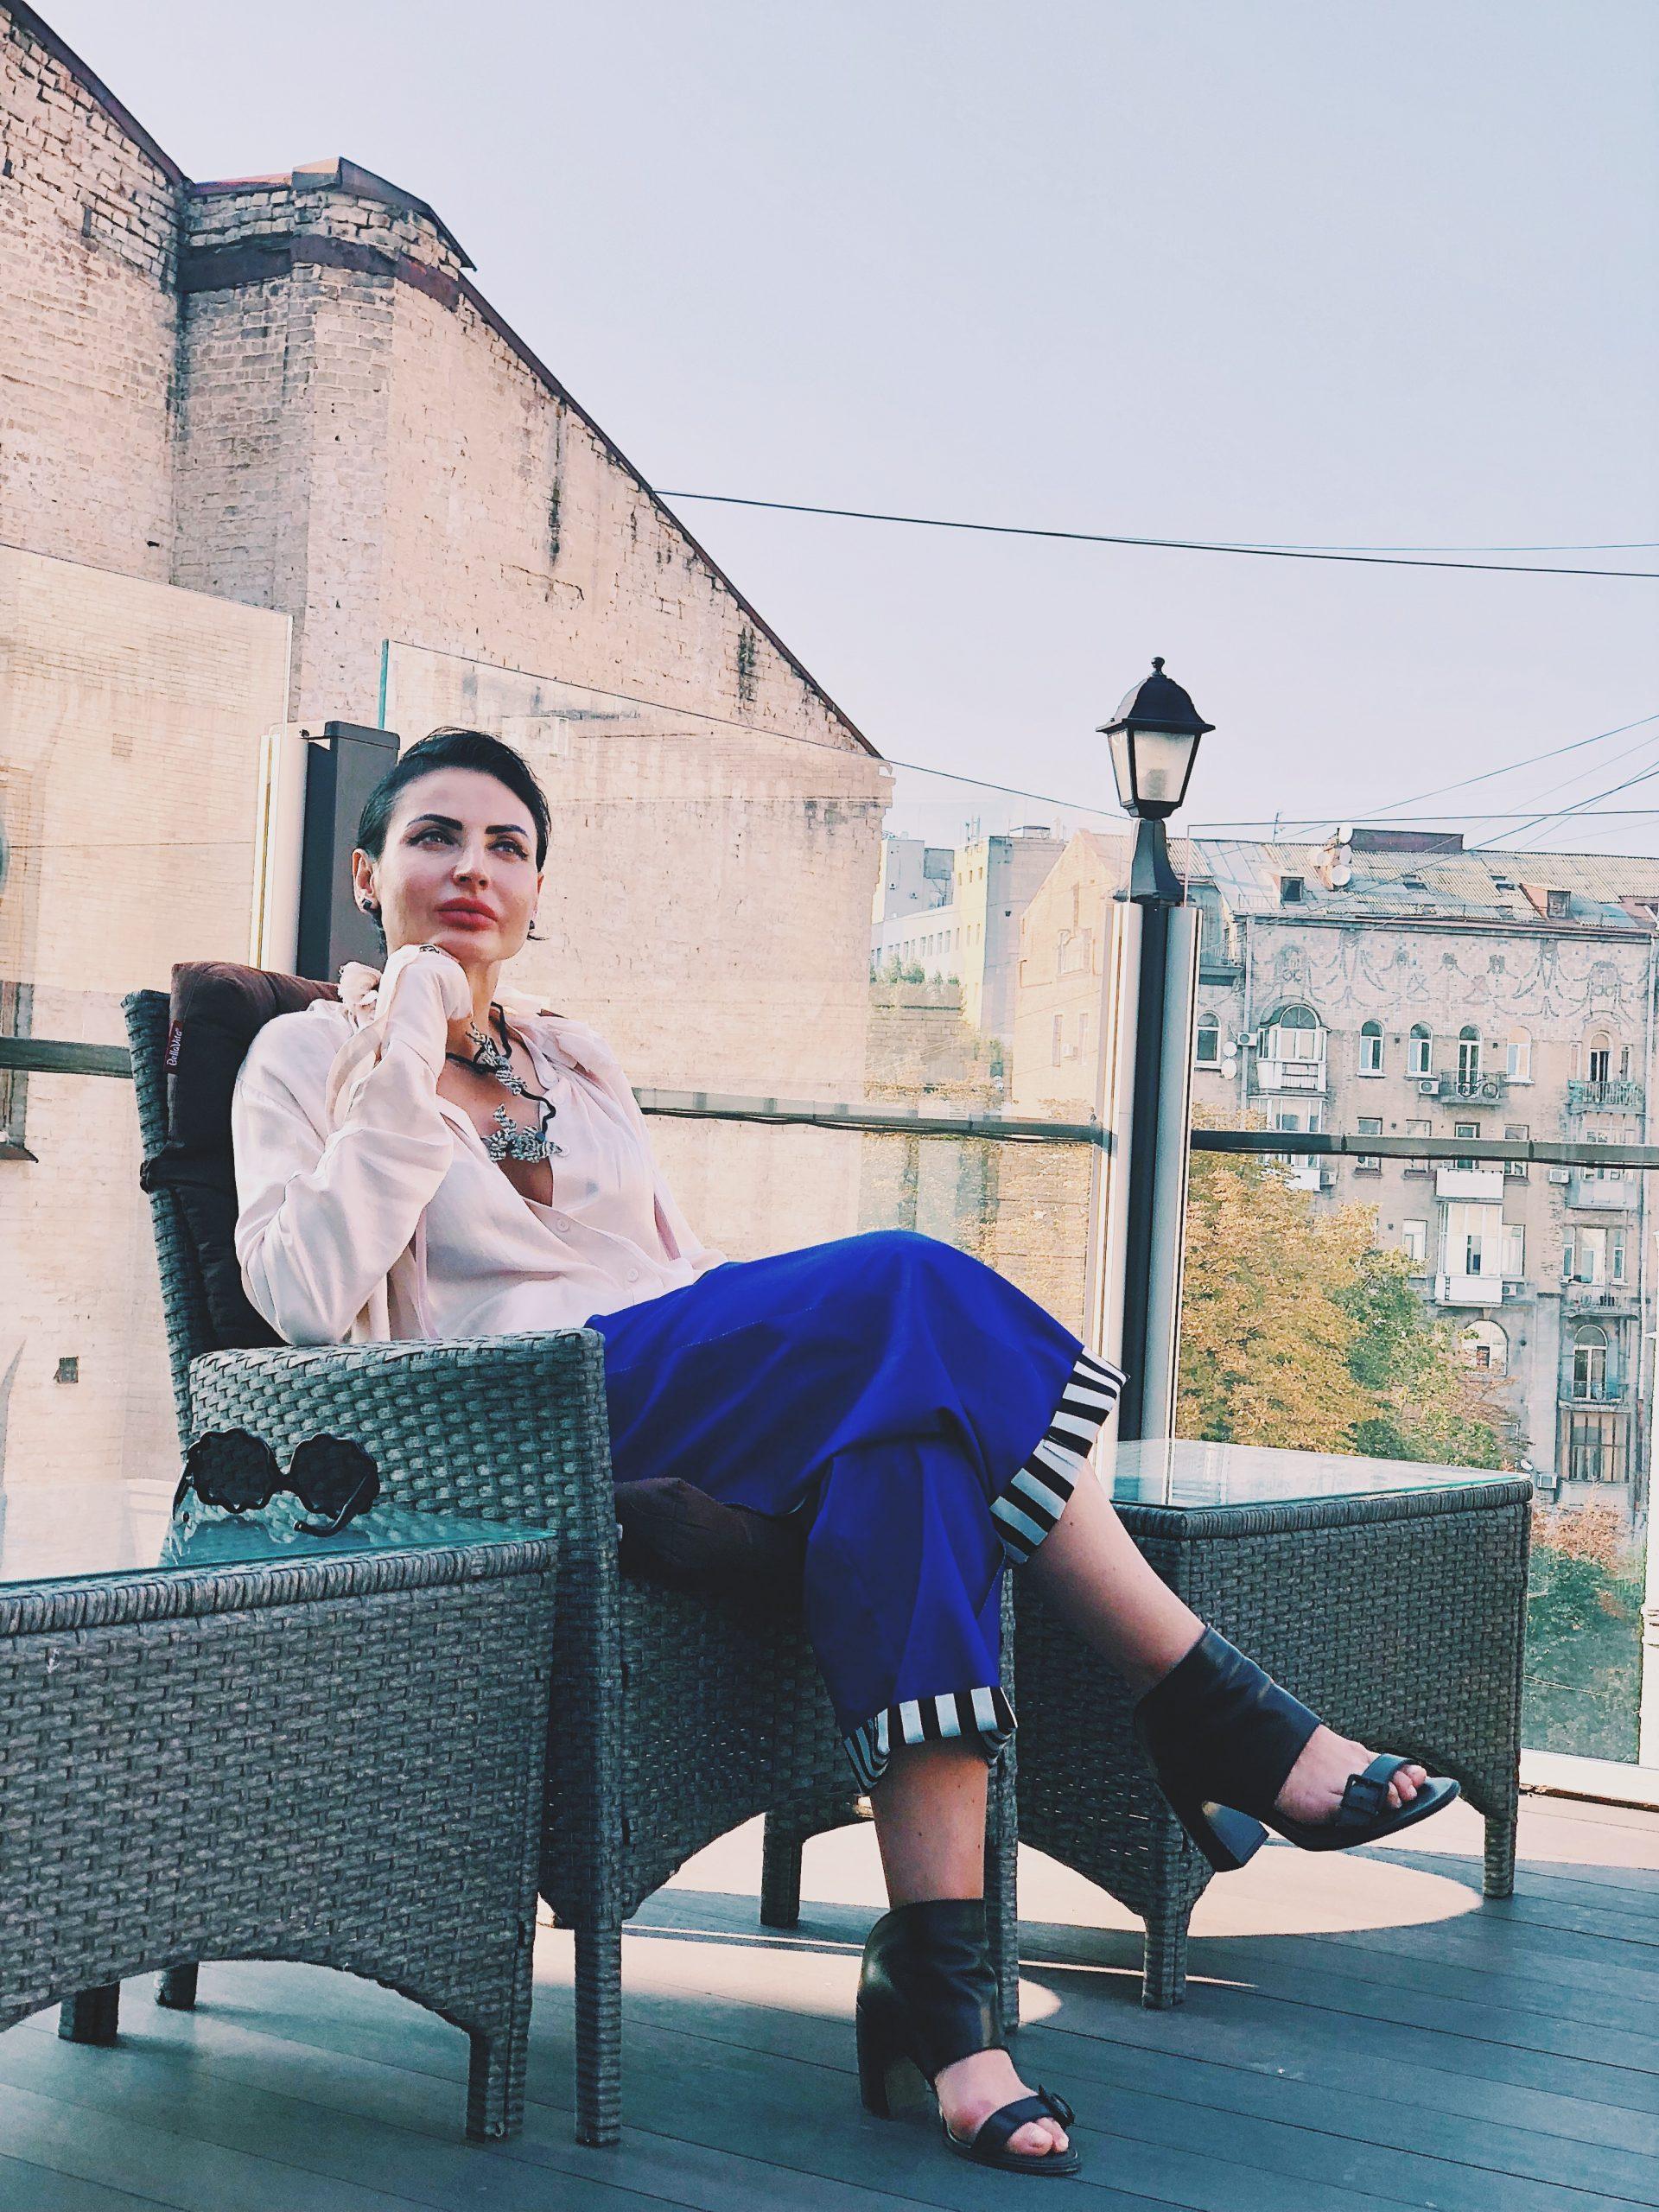 «Я стремлюсь, чтобы моя компания была как лес — самоорганизующаяся структура, состоящая из зрелых людей» — Марина Дяченко, вдохновляющий лидер и СЕО компании MANEZH